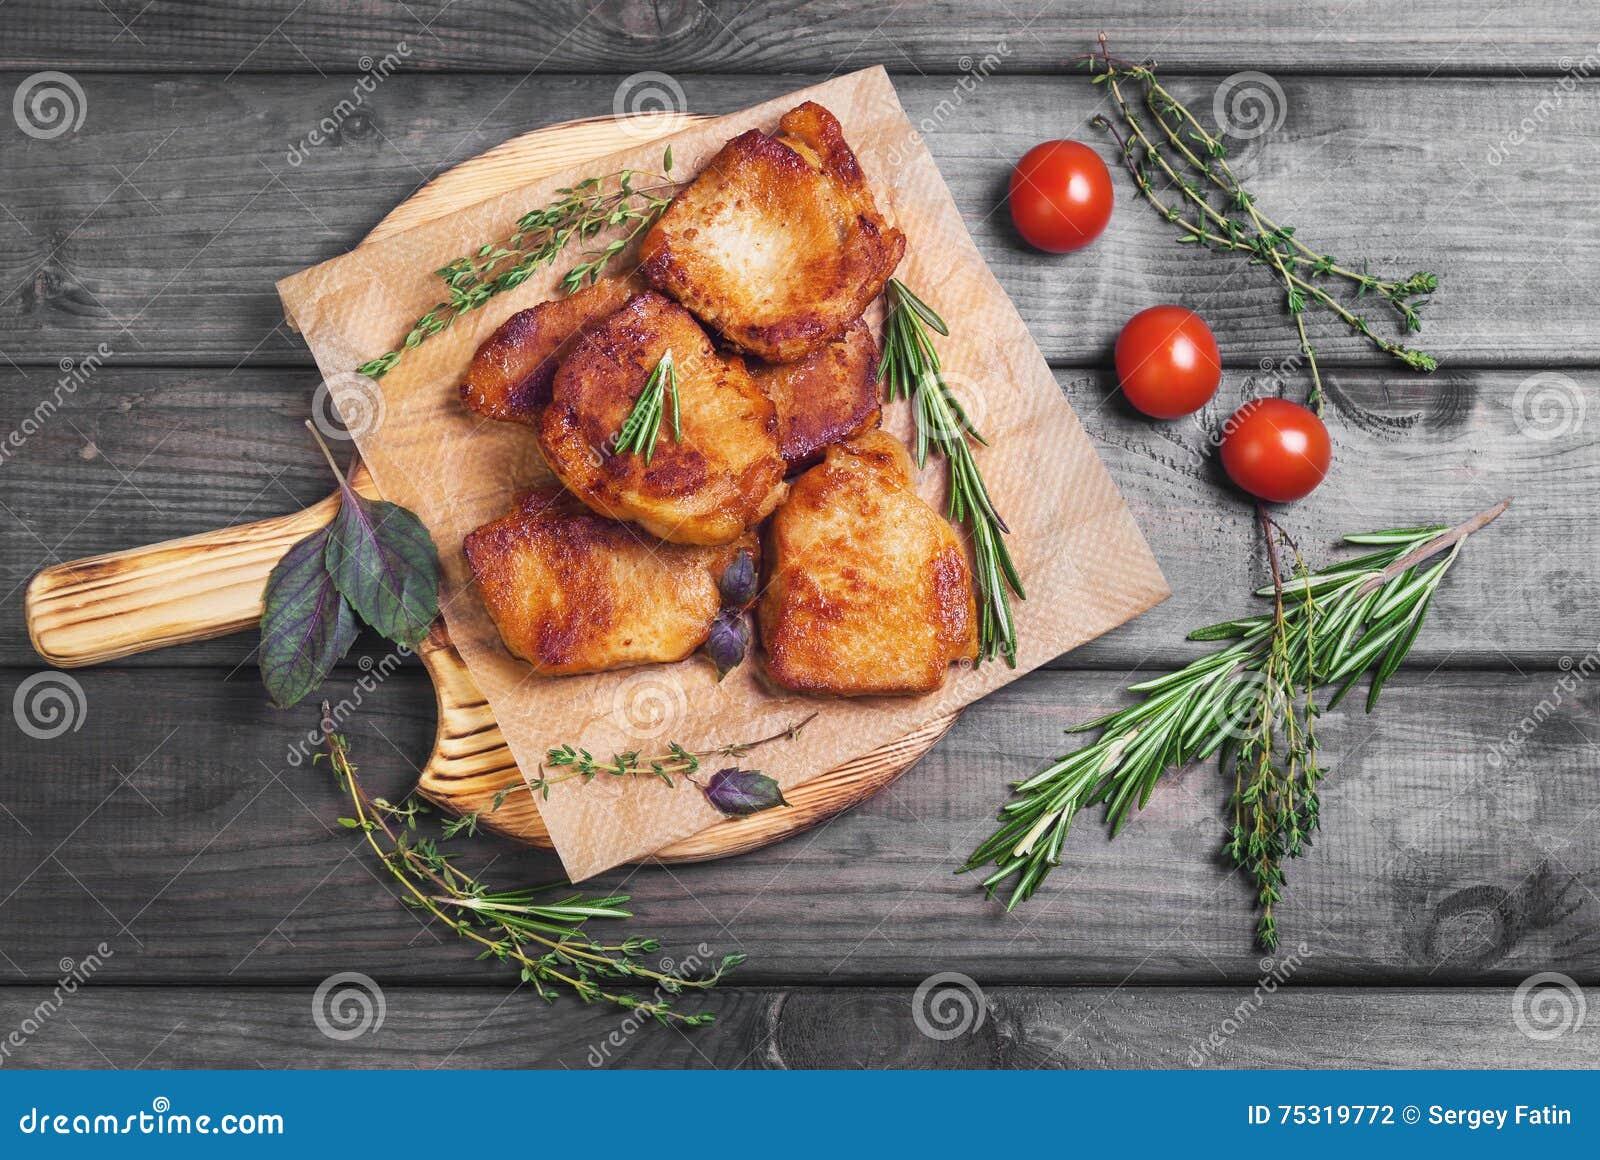 Filete frito carne del cerdo cocido